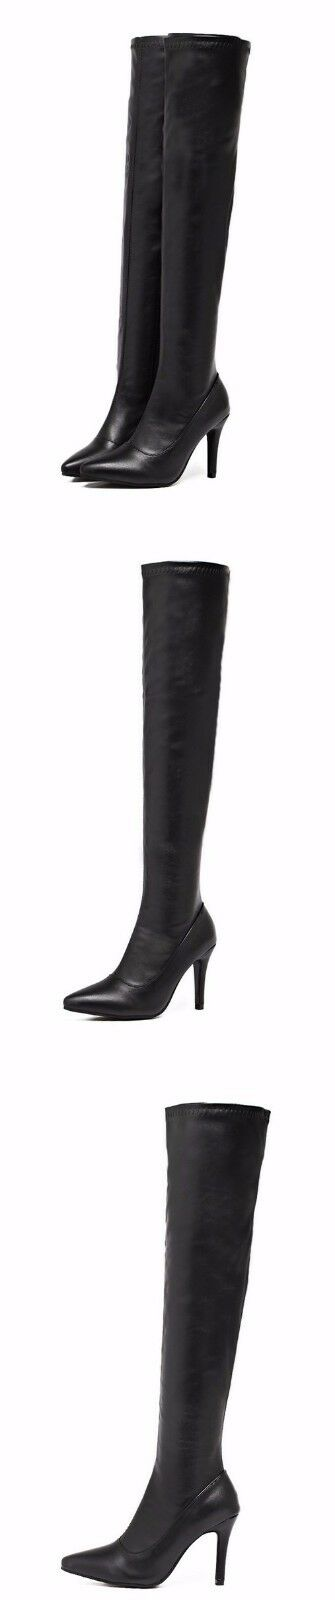 Stiefel Schuhe Stilett 9 cm Bein Hoch Schenkel schwarz simil Leder CW959